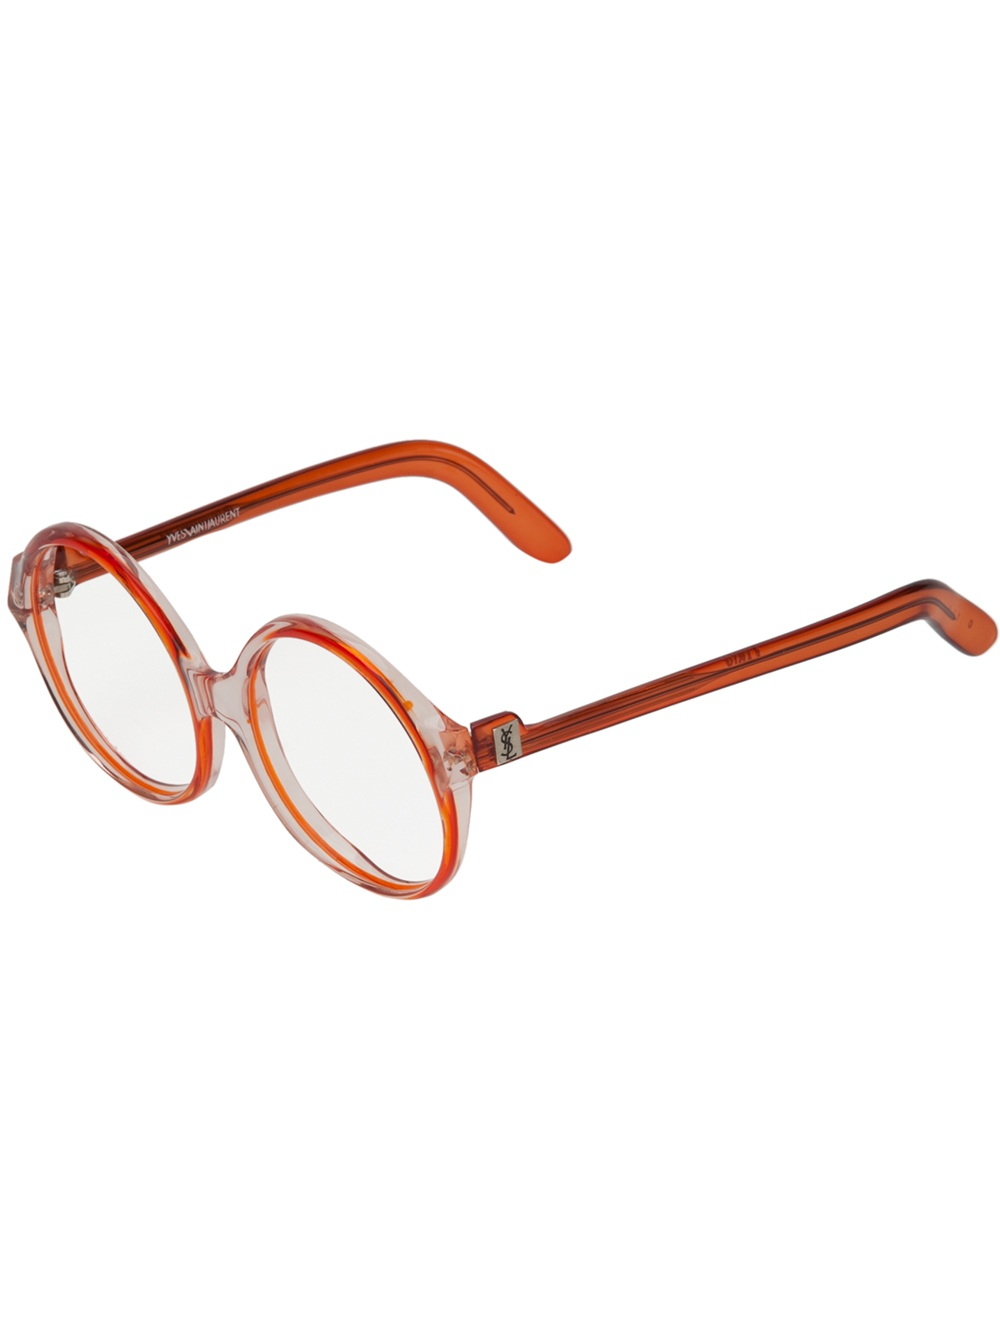 Ysl Glasses Frame : Yves Saint Laurent Vintage Oversize Round Frame Glasses in ...